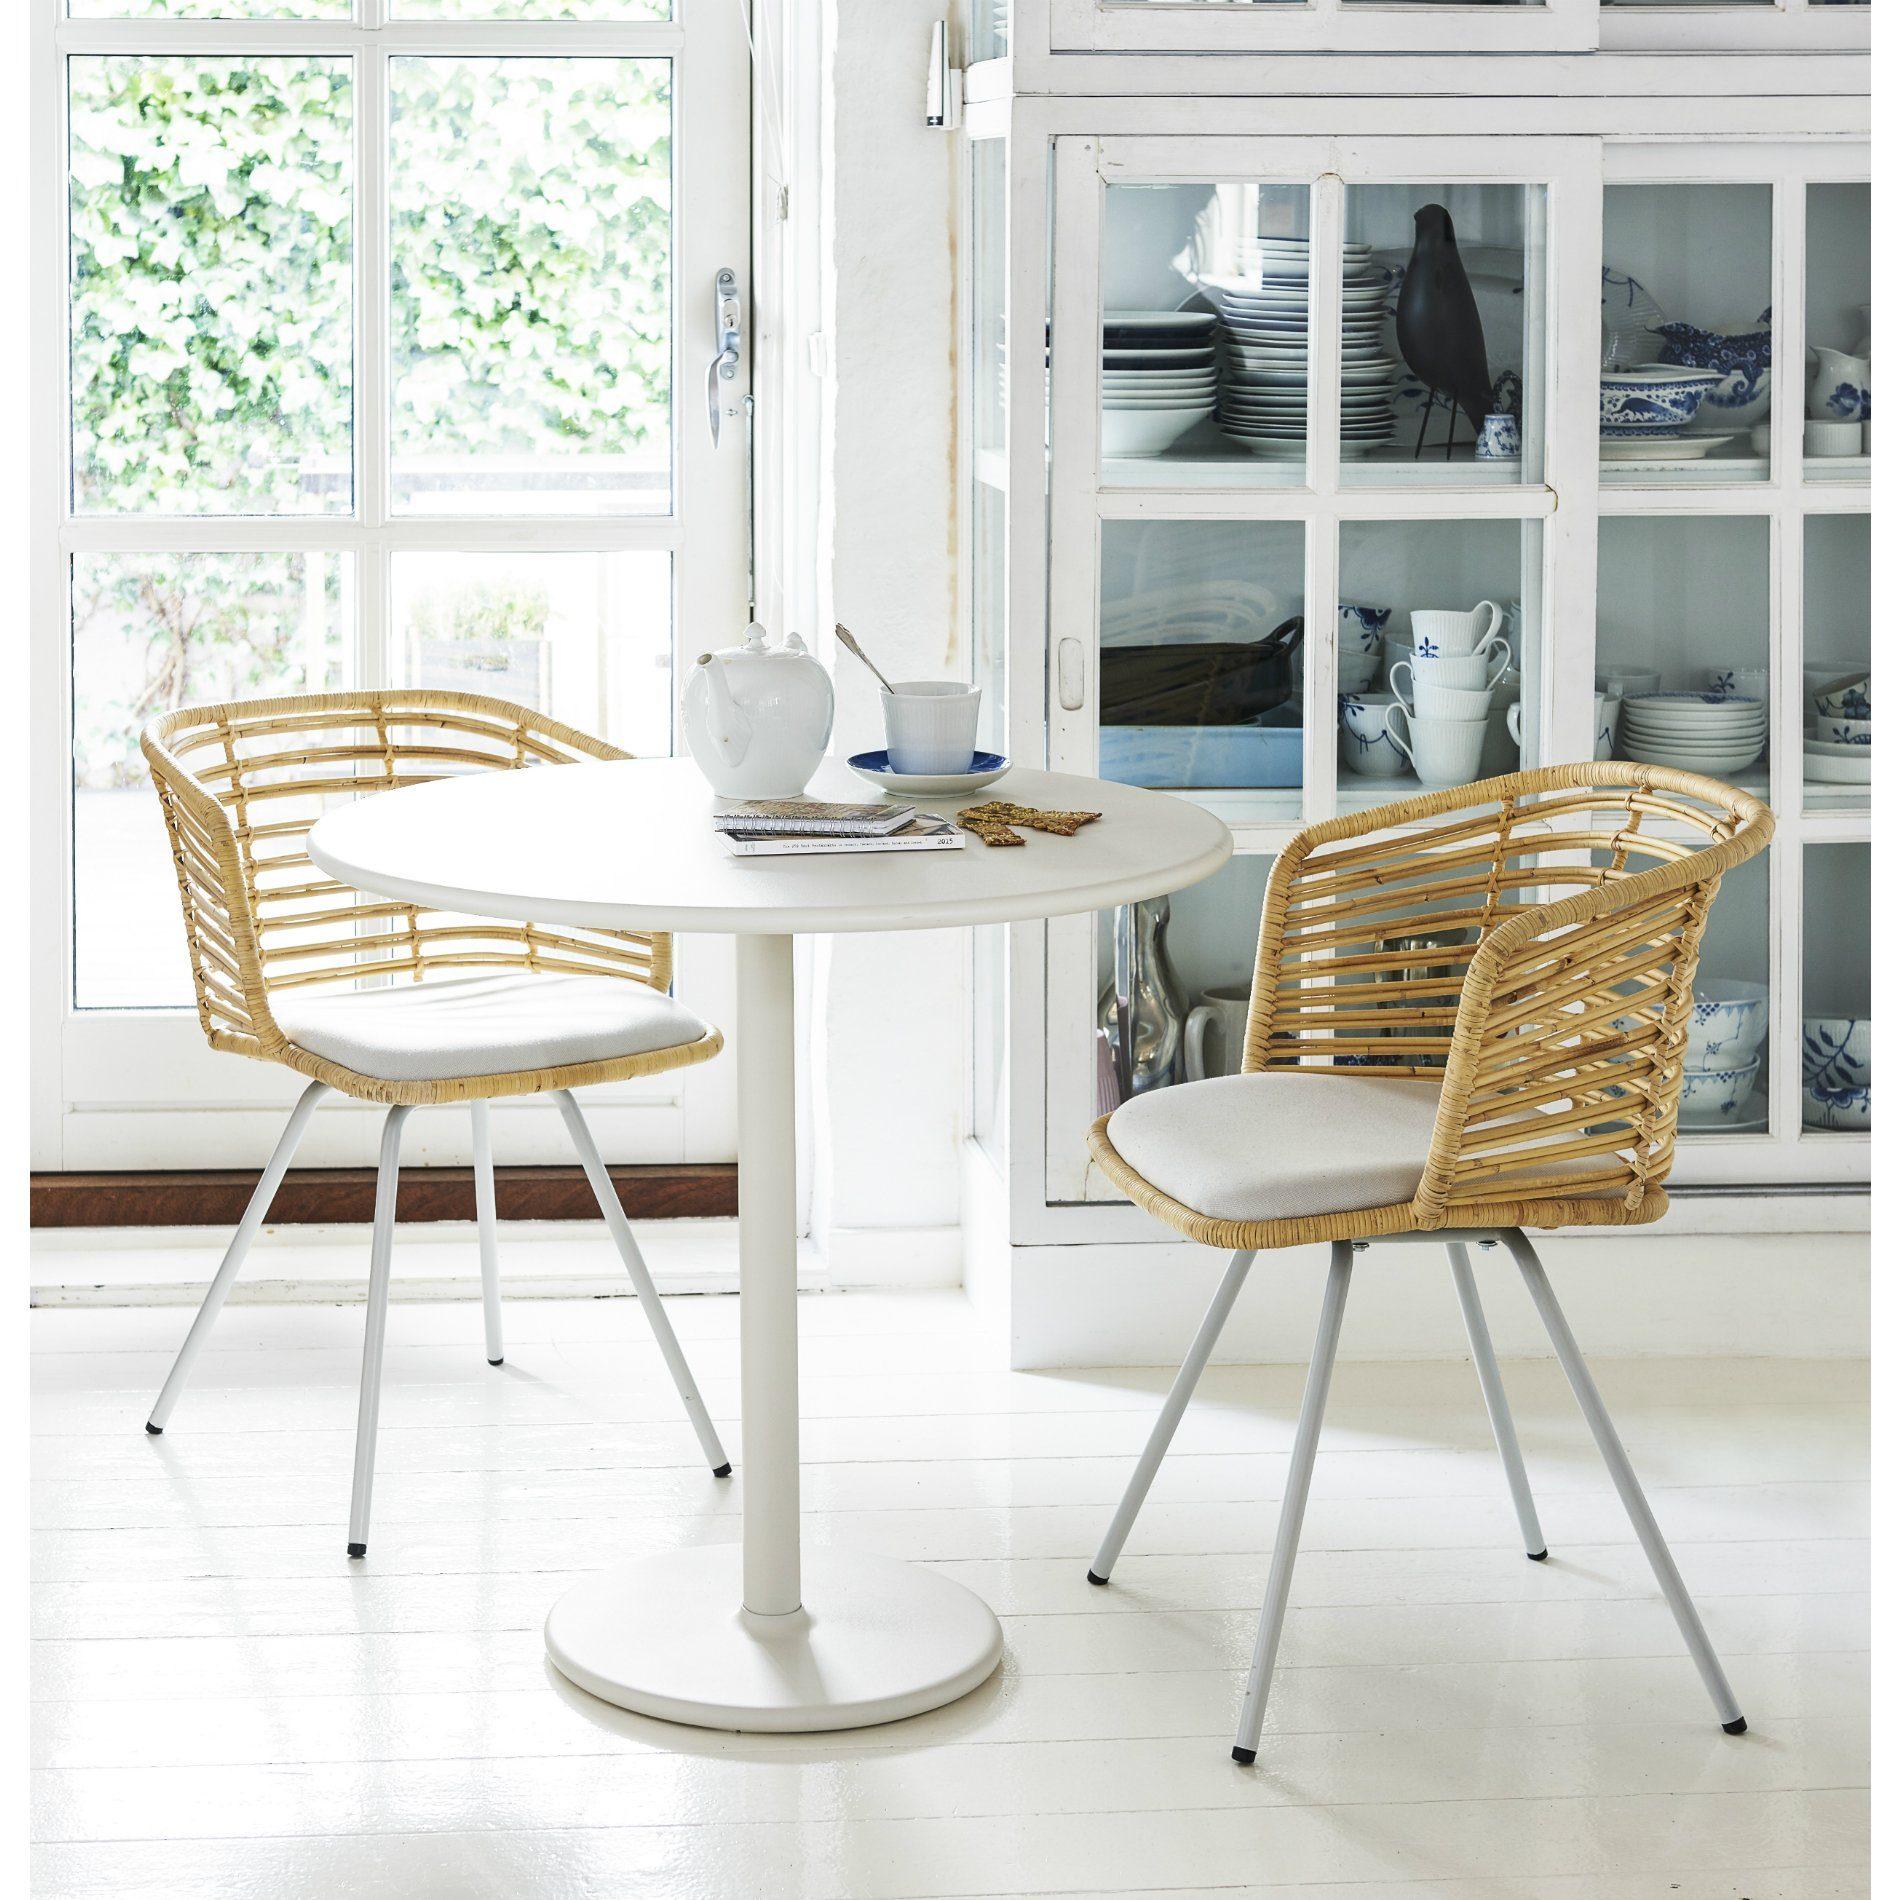 cane line gartentisch go bistrotisch. Black Bedroom Furniture Sets. Home Design Ideas